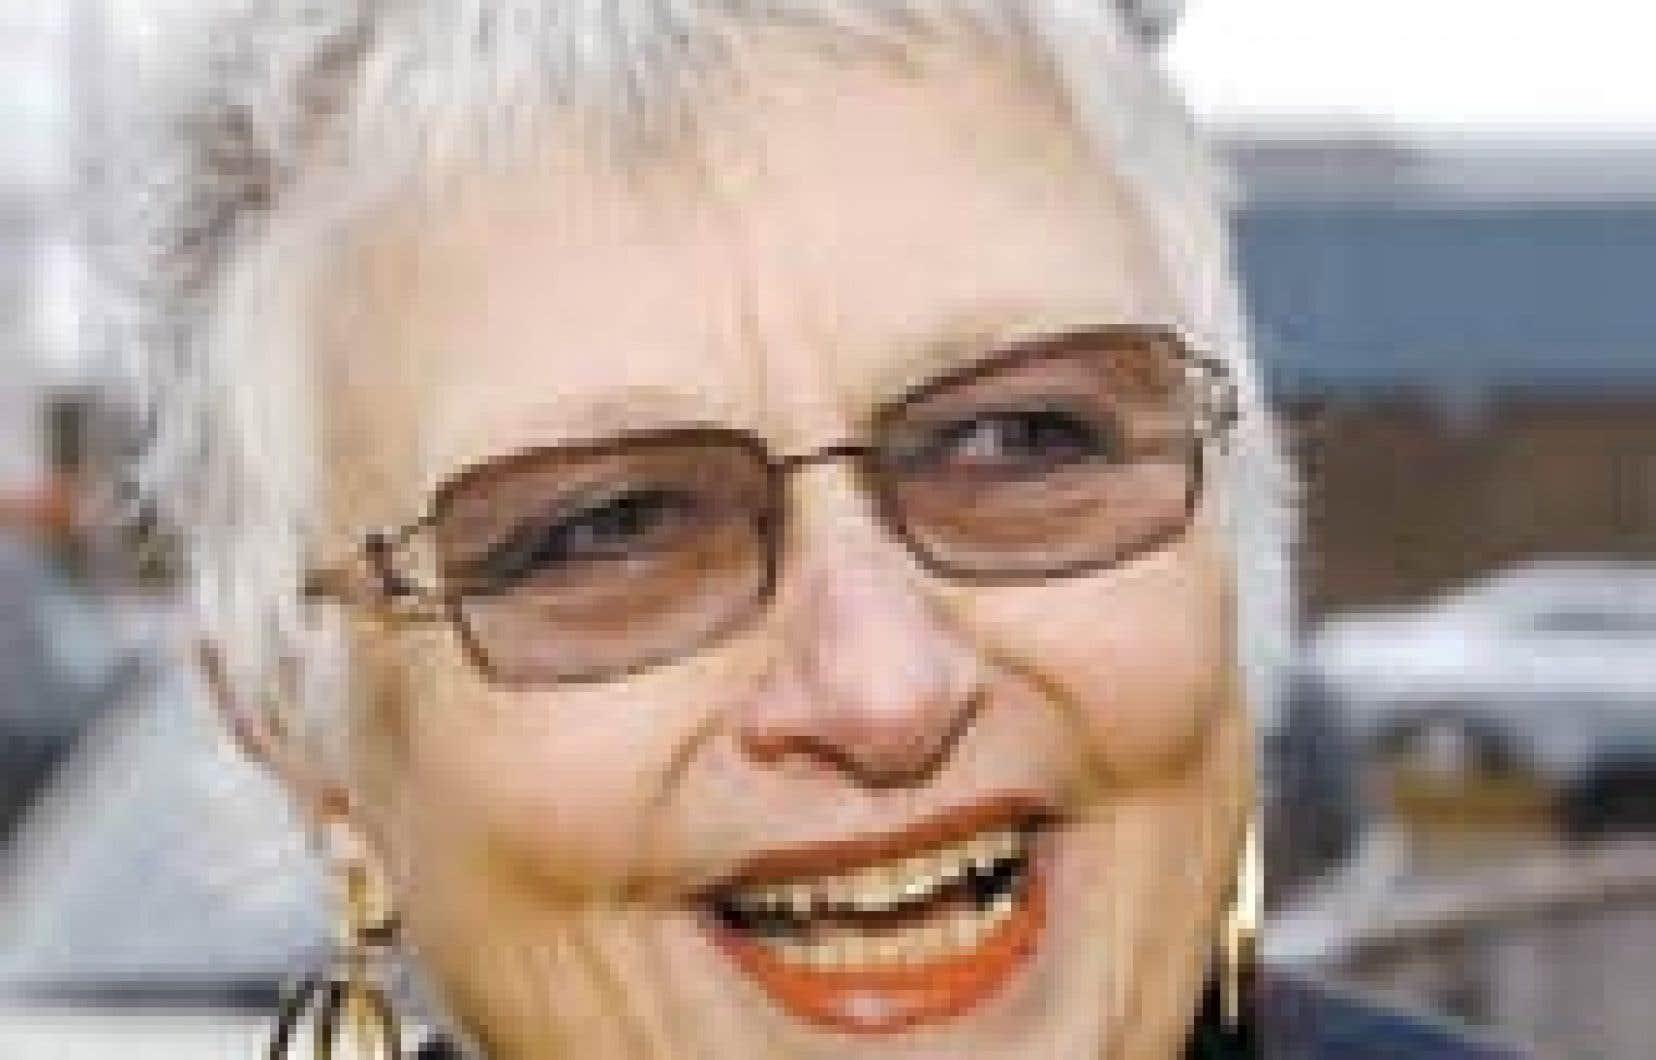 L'ancienne mairesse de Sainte-Foy, Andrée Boucher, prendra les commandes de la mairie de Québec. «Ce que vous me dites ce soir, c'est que vous me faites confiance, mais ce que vous me dites aussi, c'est que vous attendez beaucoup de moi», a-t-e